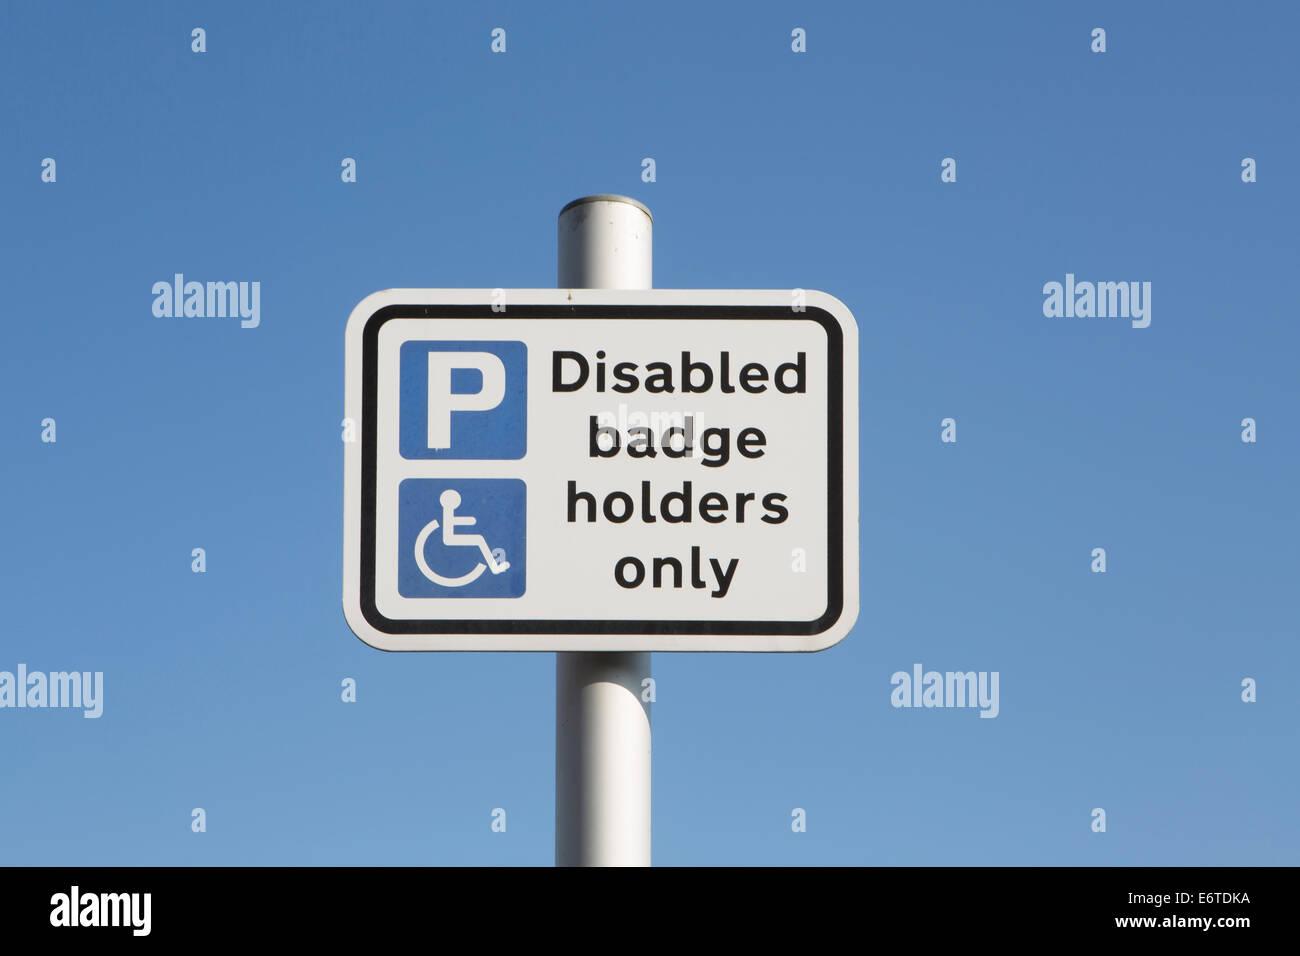 Un parking sign pour personnes handicapées Photo Stock